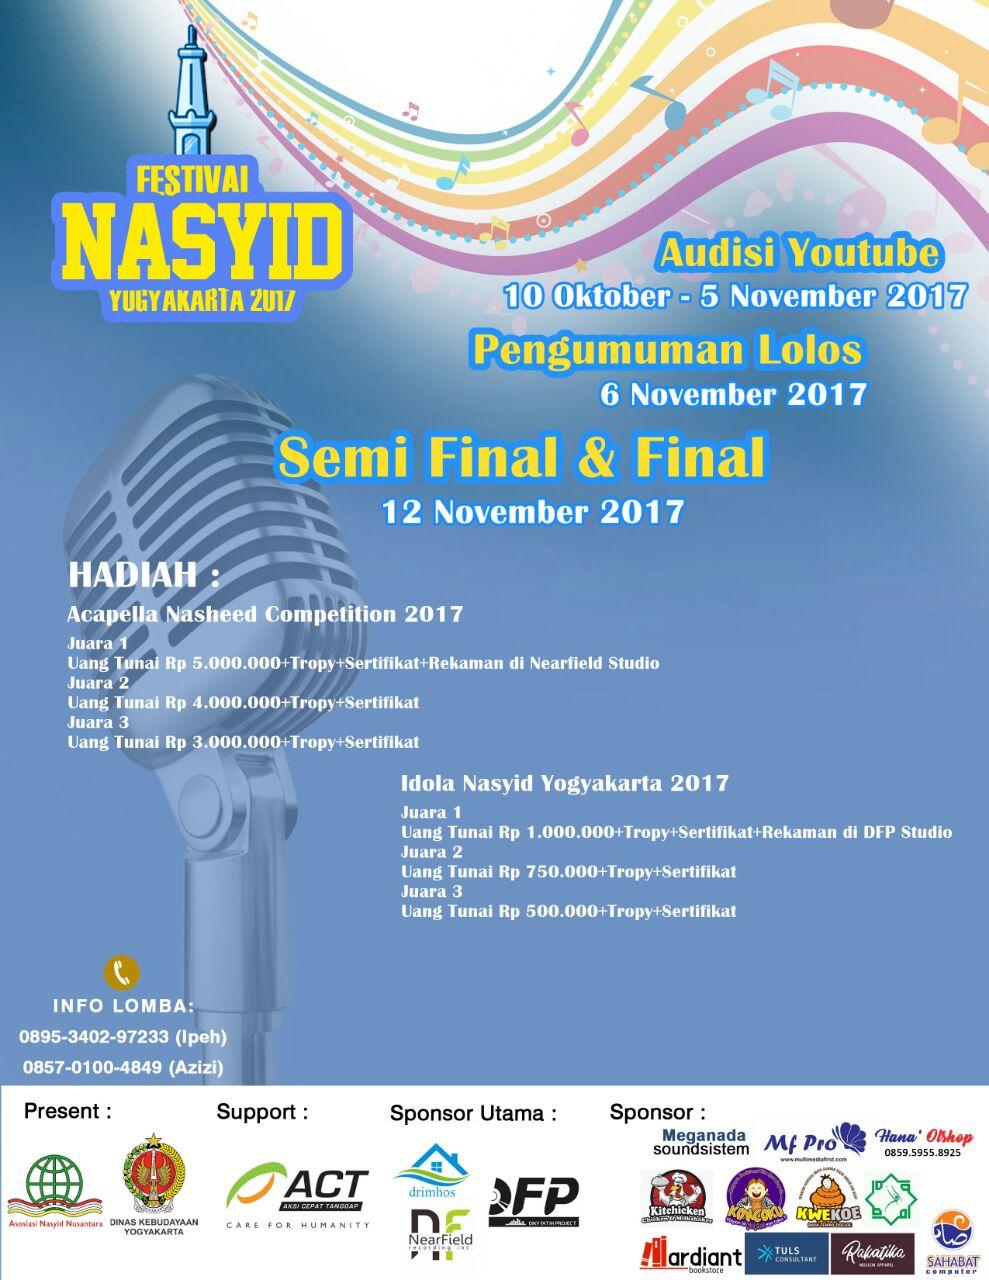 festival-nasyid-yogyakarta-2017